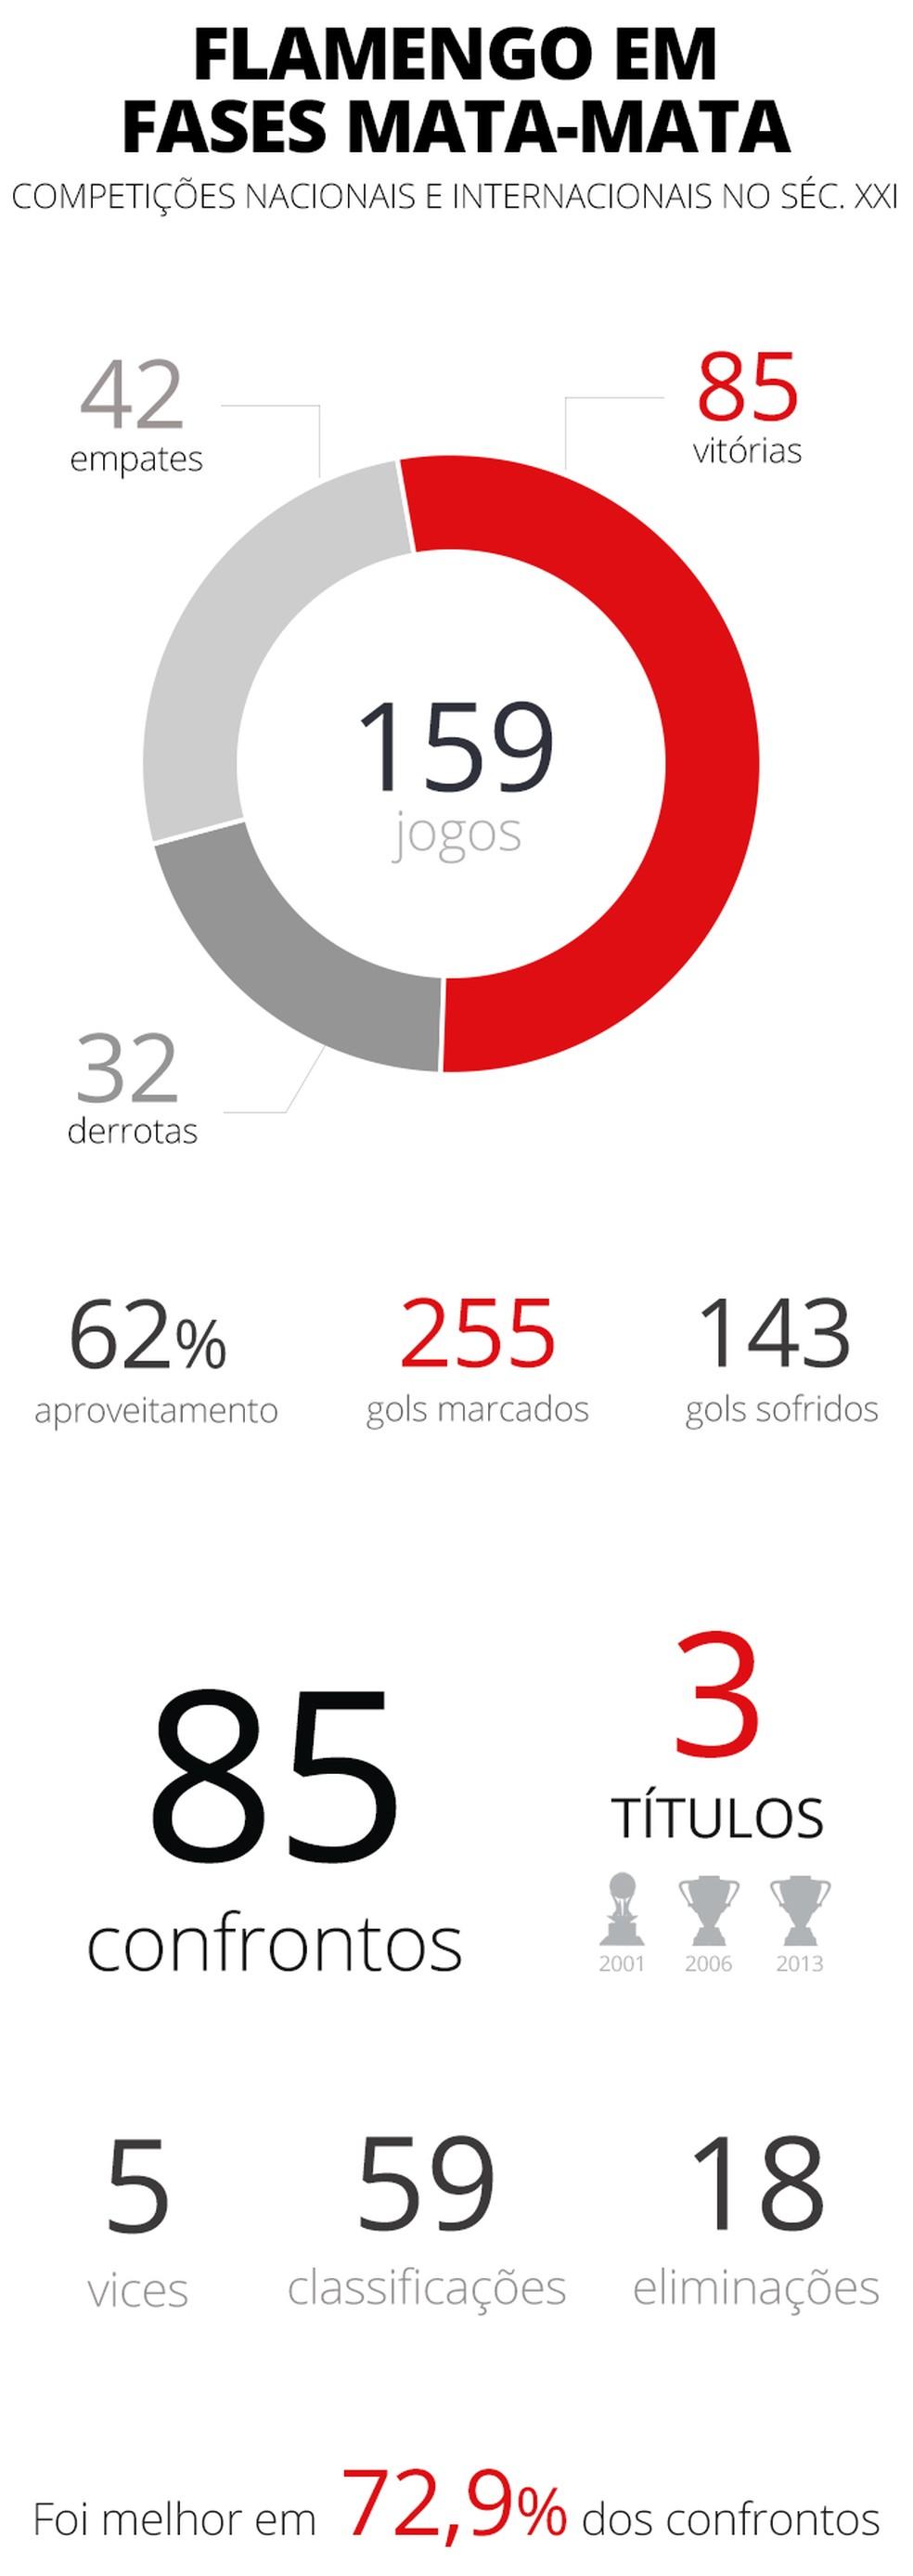 Desempenho do Flamengo em fases mata-mata no século 21 — Foto: Infoesporte